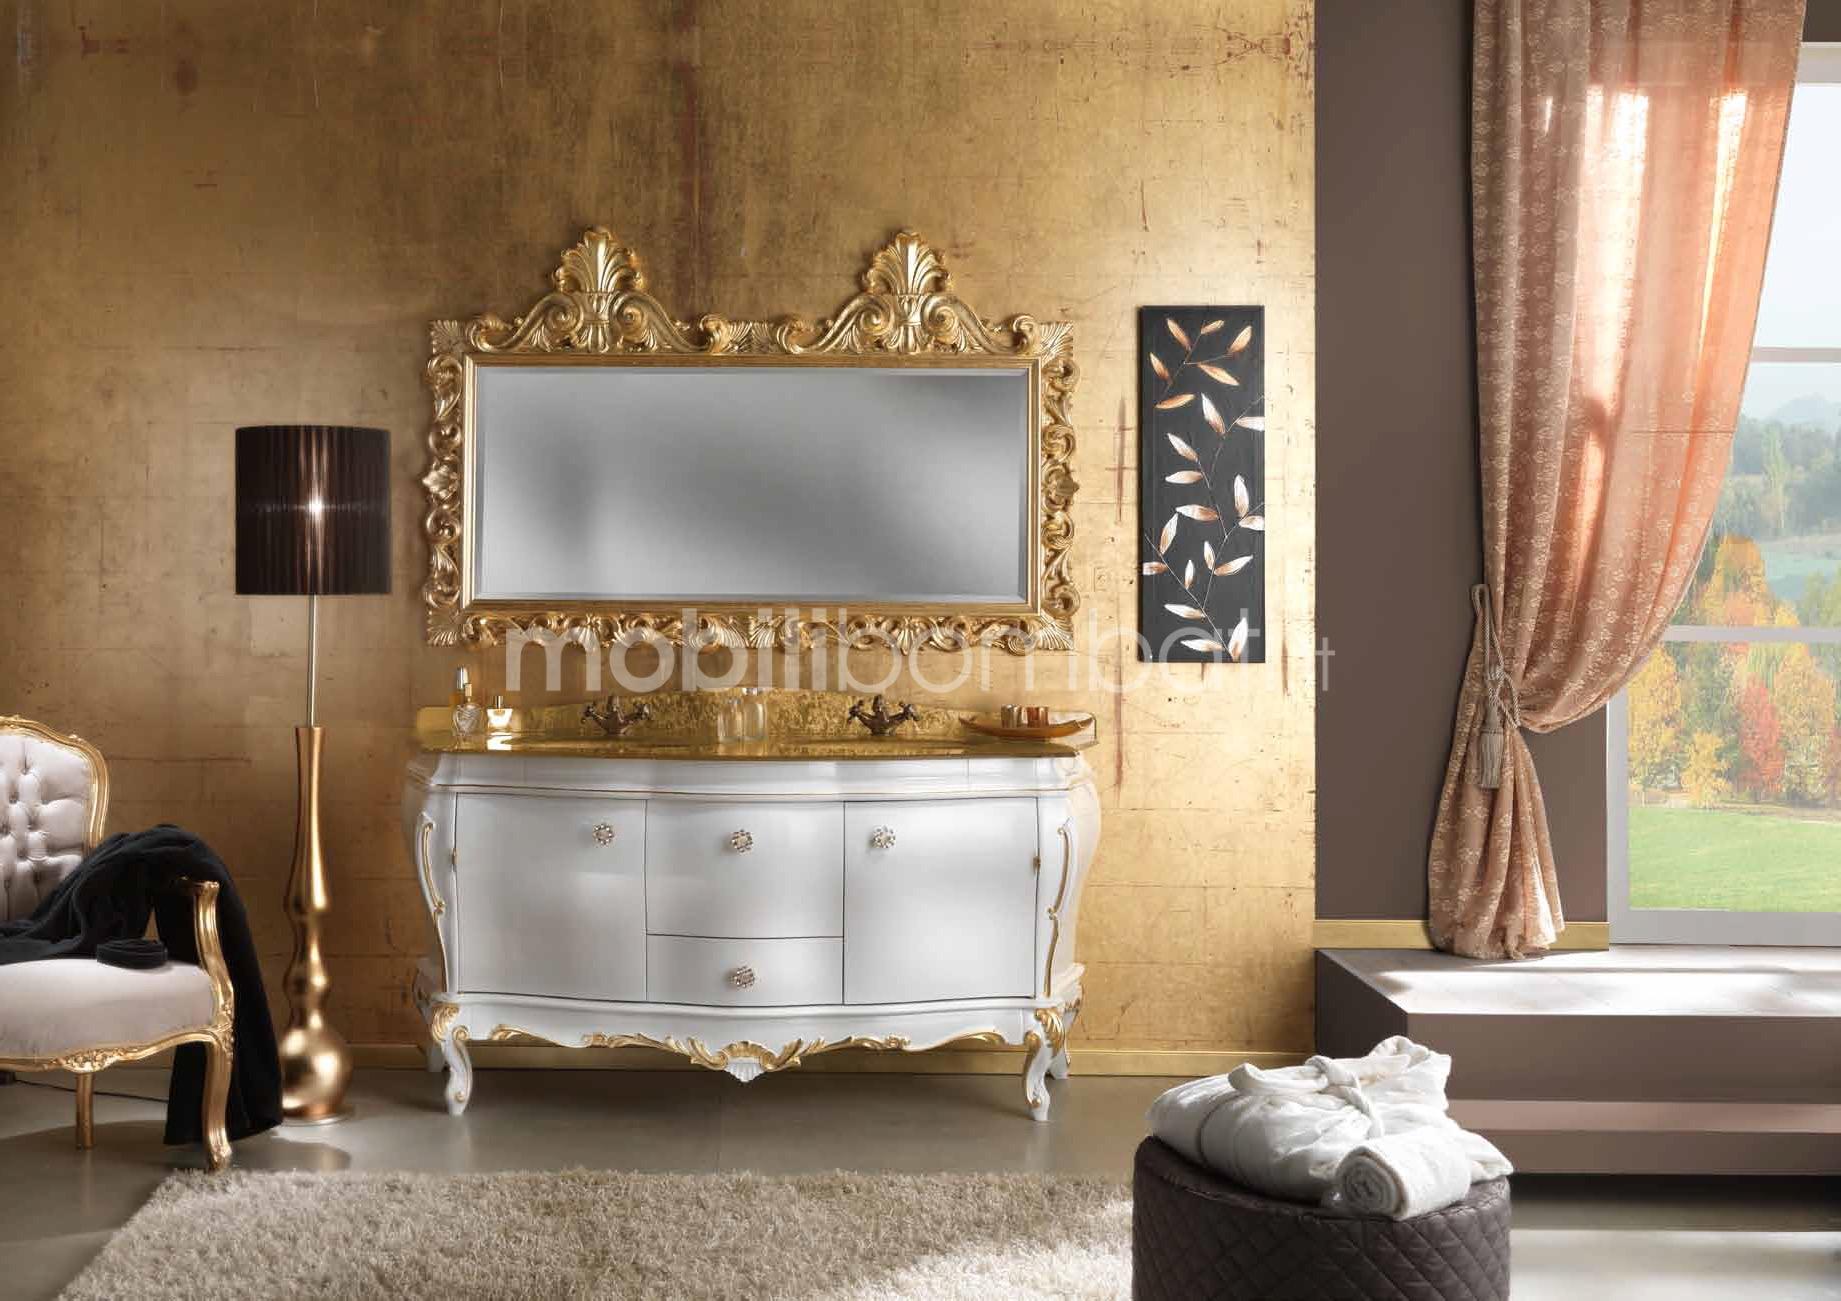 Mobili stile barocco bagno con foglia oro 24k gli originali su